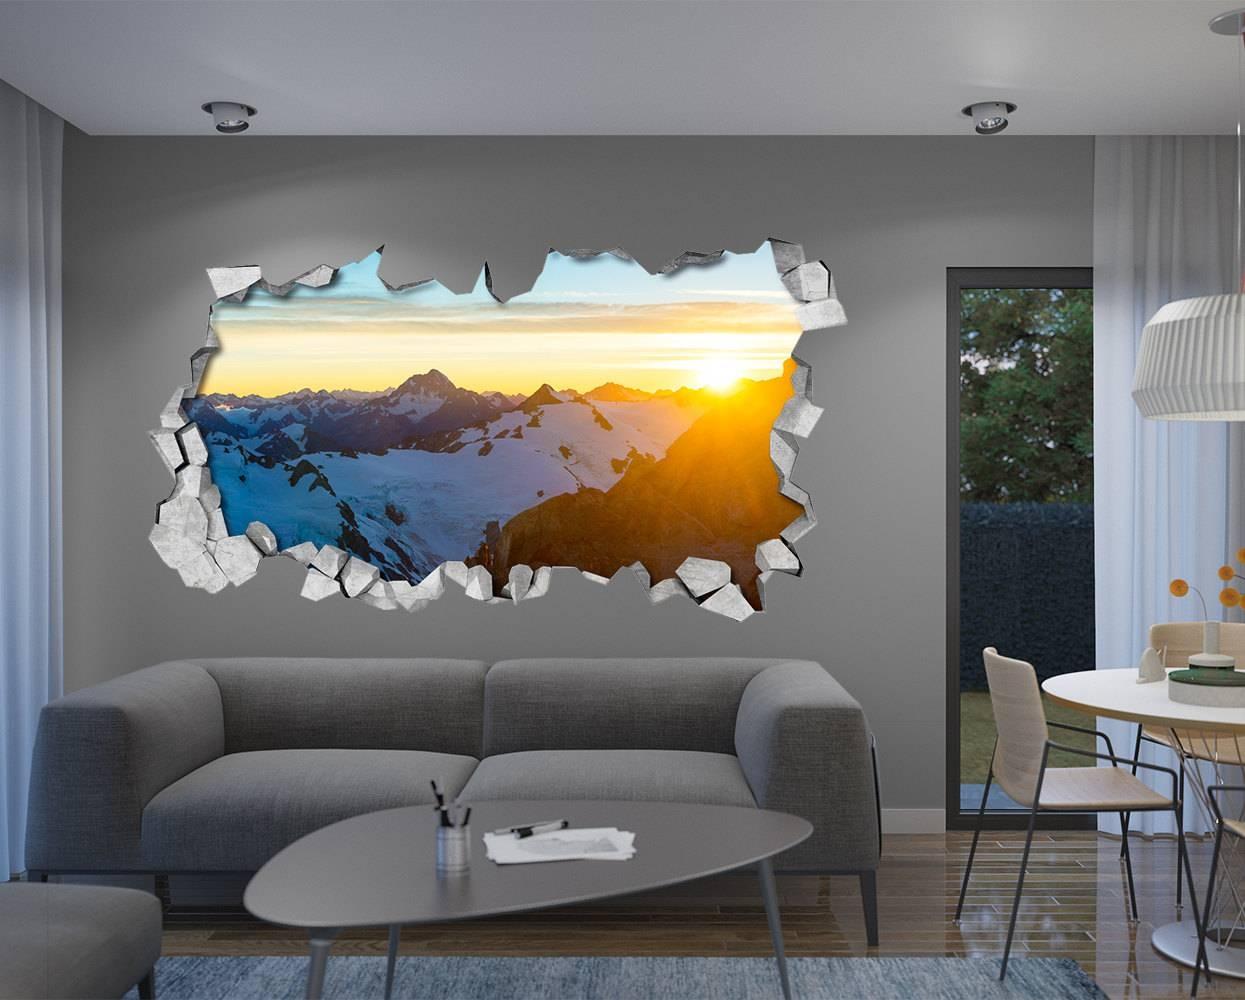 Sunny Mountain 3D Wall 3D Wallpaper 3D Wall Art 3D Regarding Most Recent 3D Wall Art For Living Room (View 19 of 20)